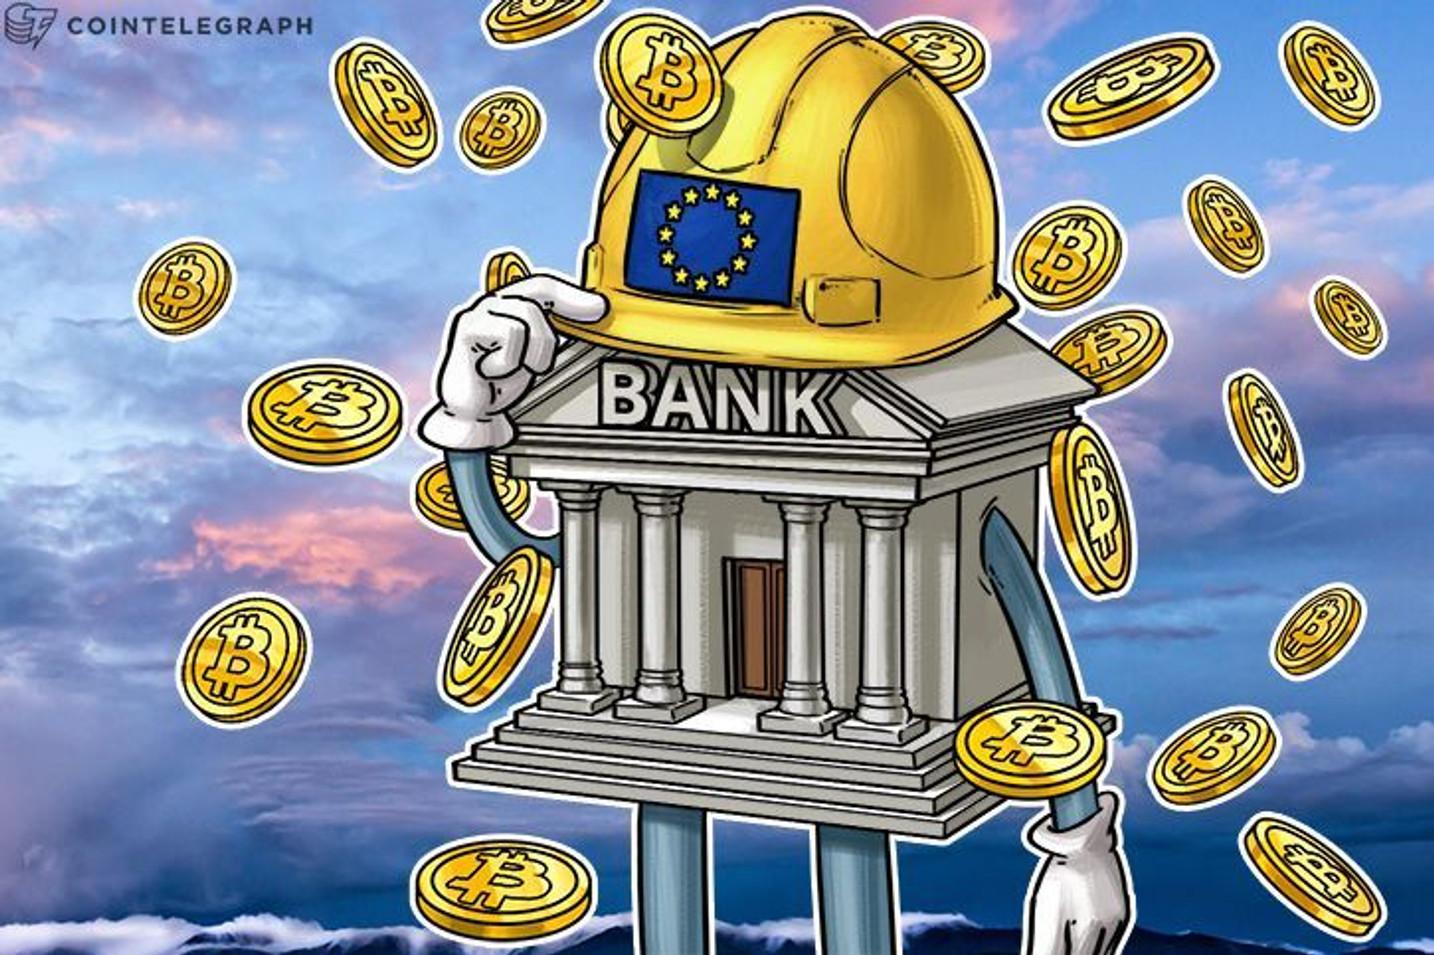 Presidente dell'Autorità Bancaria Europea: non bisogna regolamentare le criptovalute, ma le istituzioni finanziarie